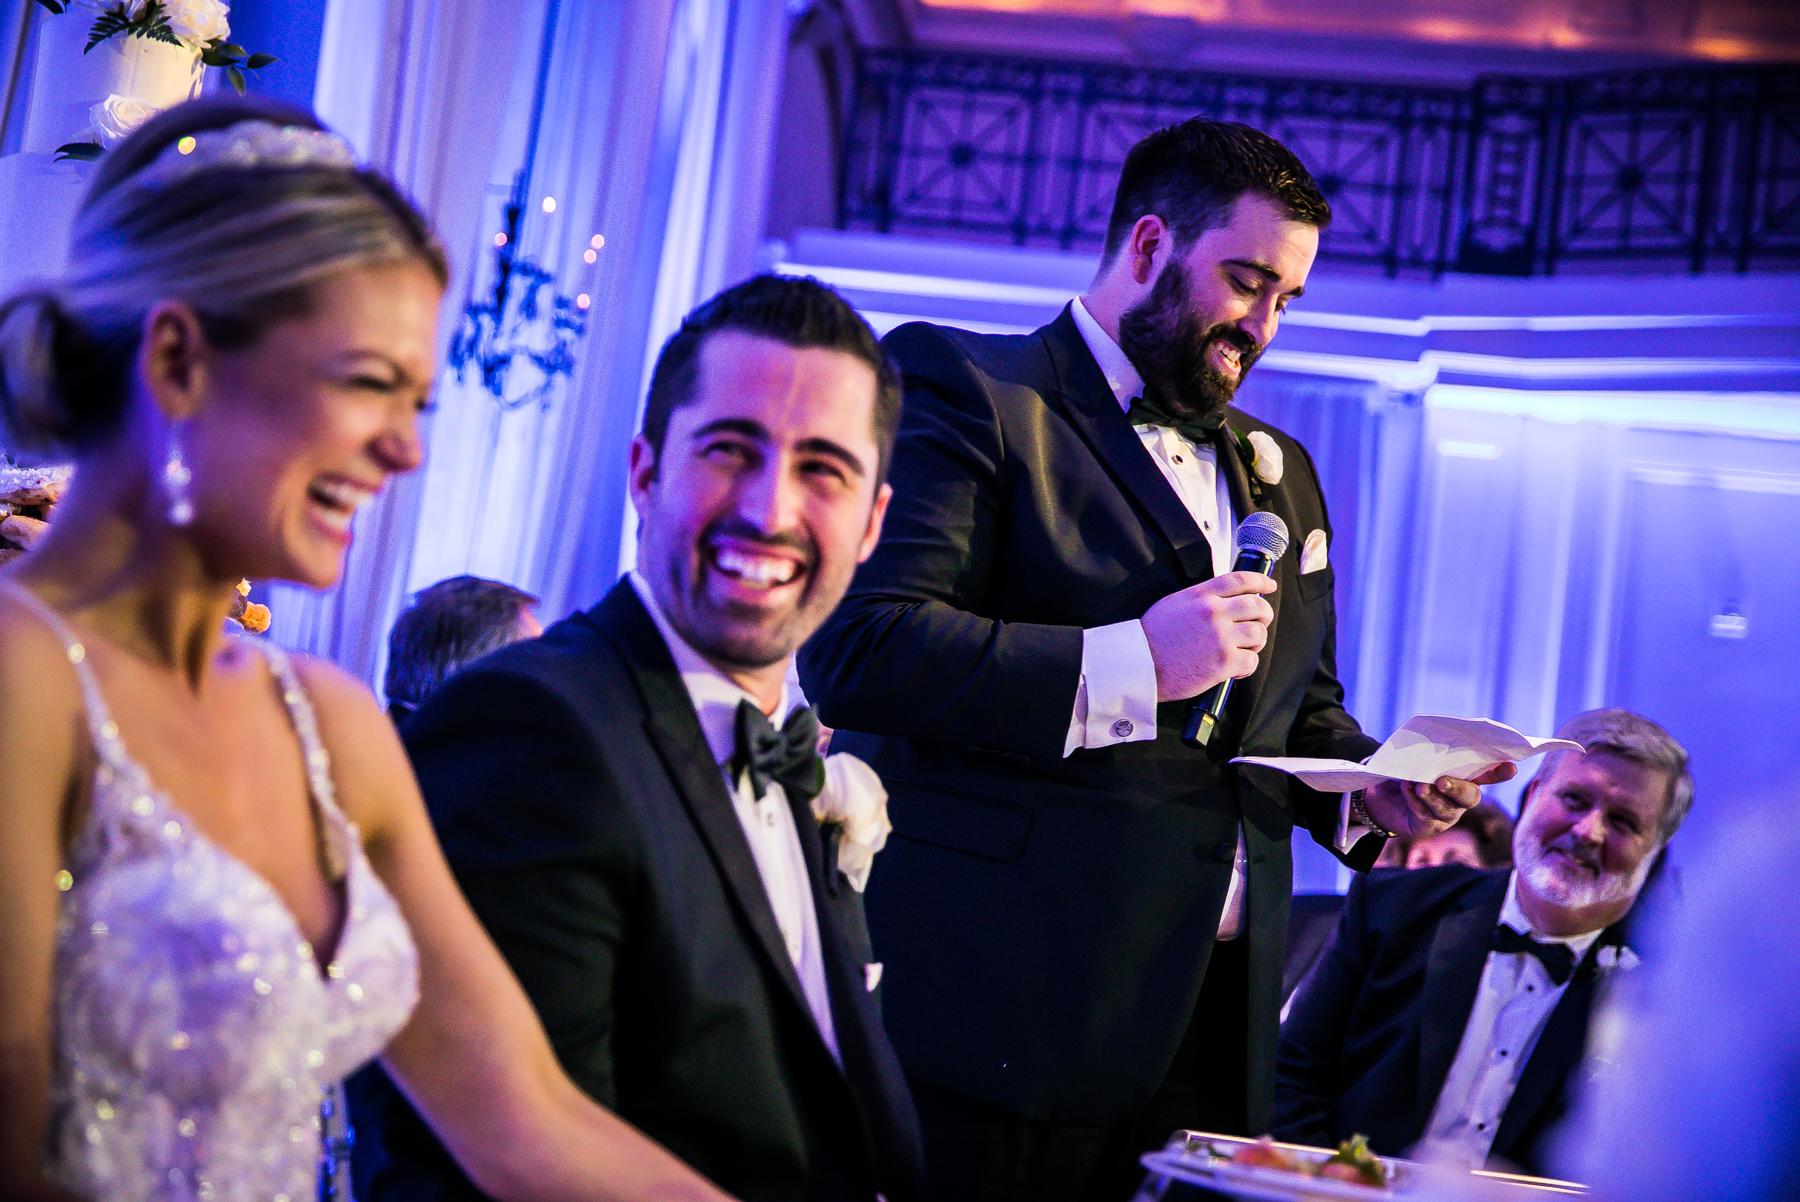 Kelsey and Mike Hyatt at the Bellevue Philadelphia Wedding-96.jpg